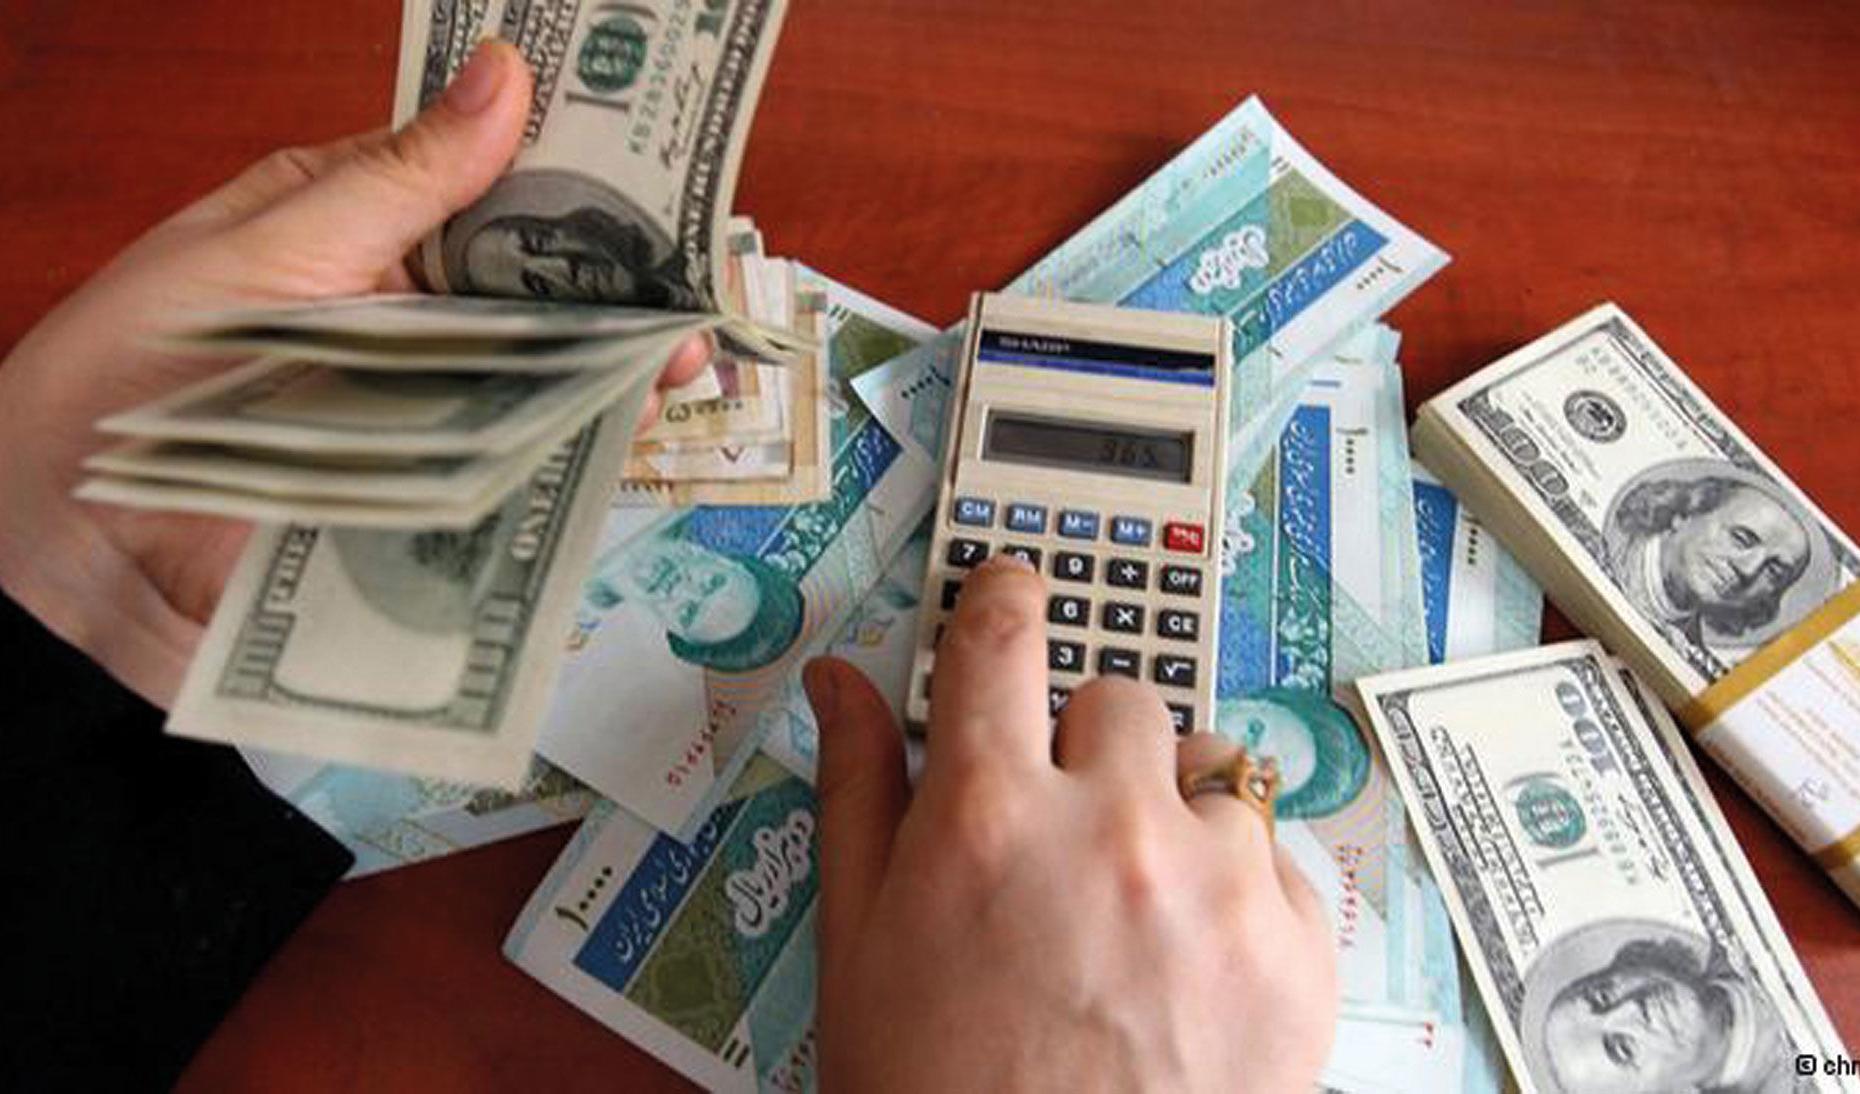 روزهای پایانی ارز 4200 / جایگزین حذف ارز 4200 تومانی چیست؟